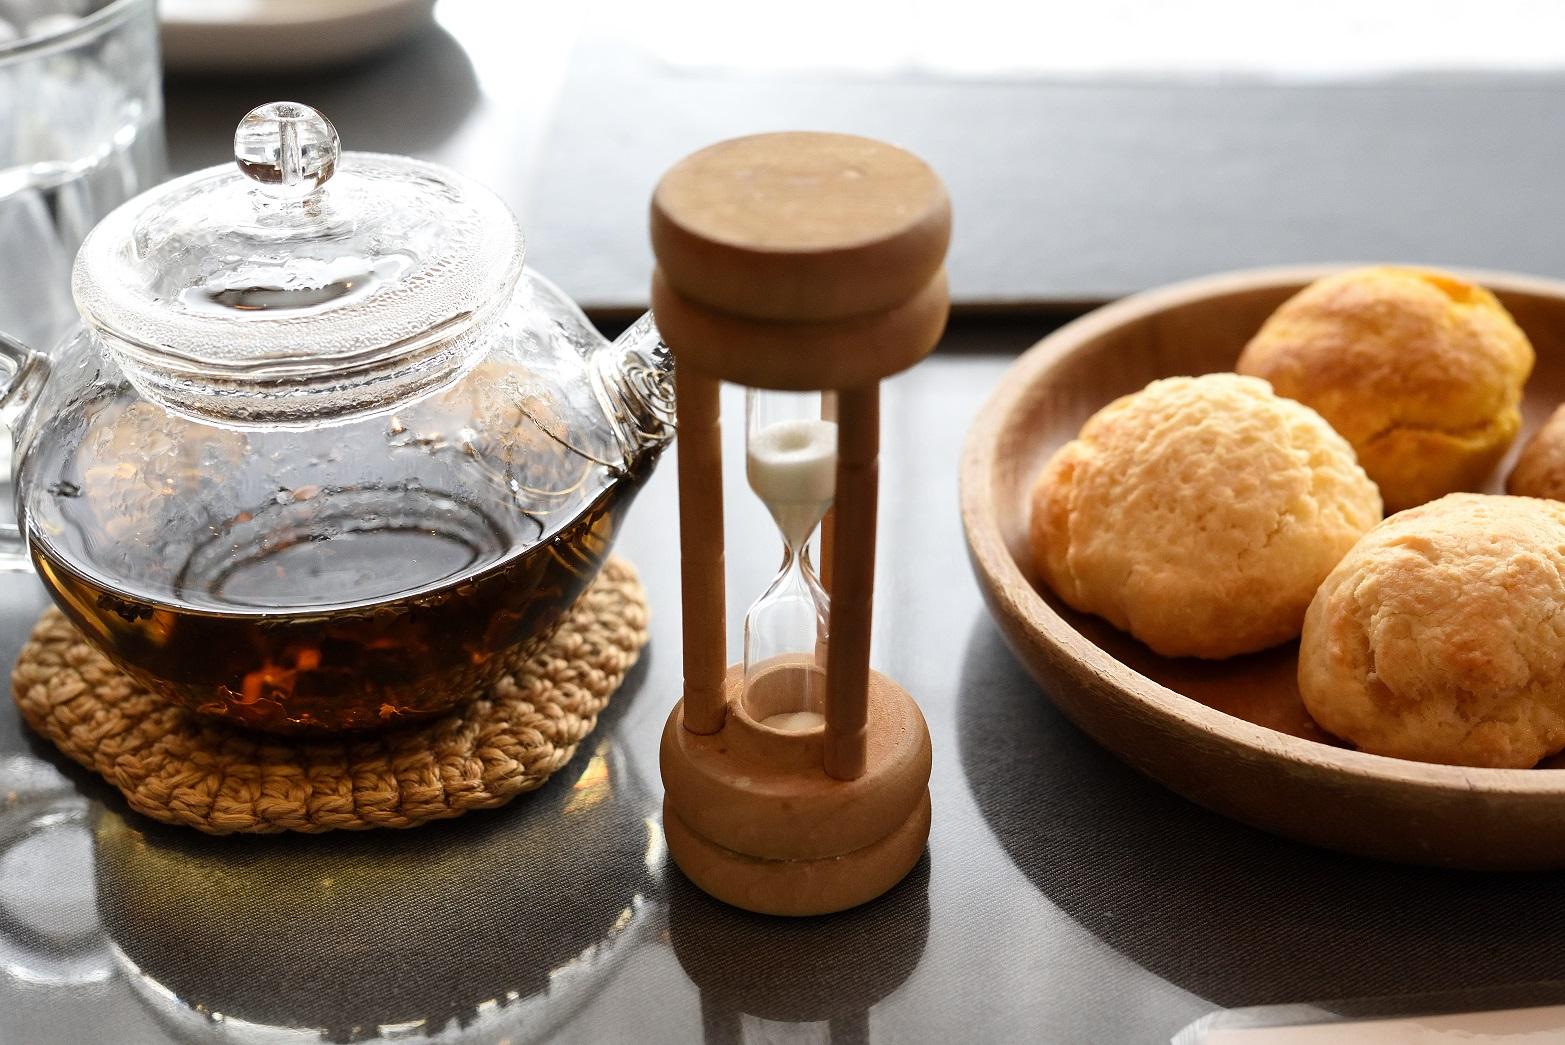 ラ・ターブル・ドゥ・イズミ 砂時計